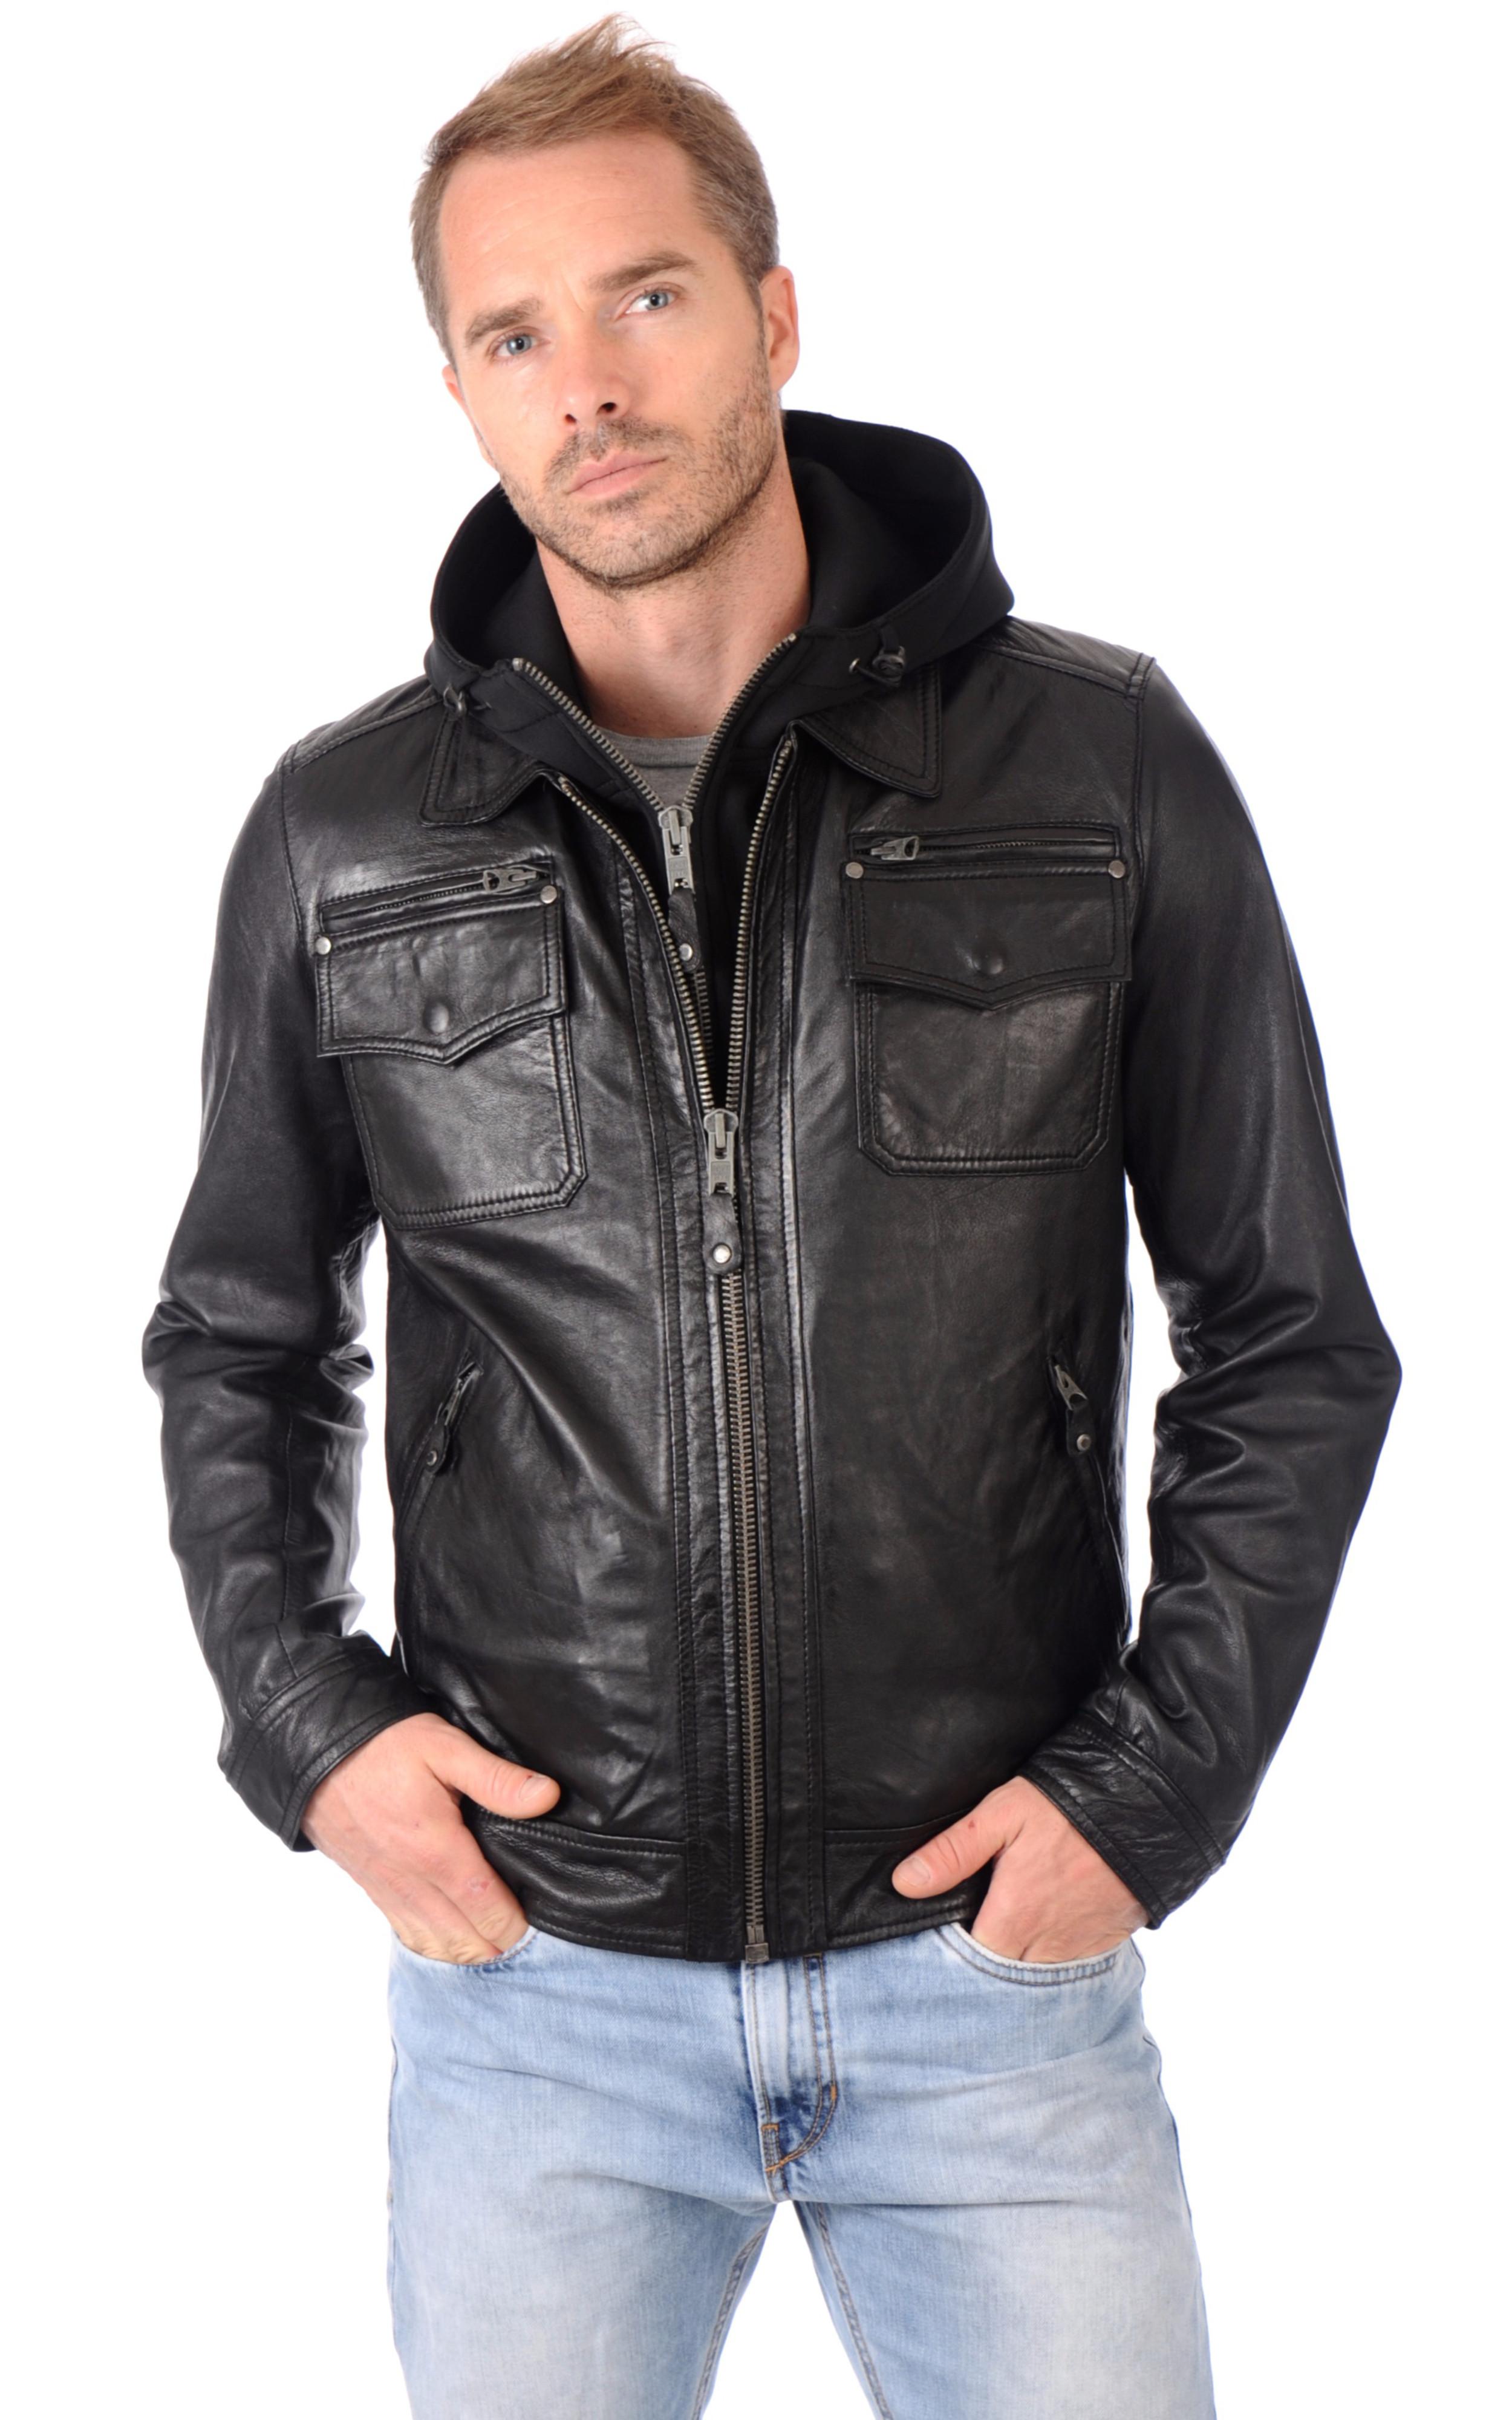 blouson cuir capuche amovible schott la canadienne blouson cuir noir. Black Bedroom Furniture Sets. Home Design Ideas